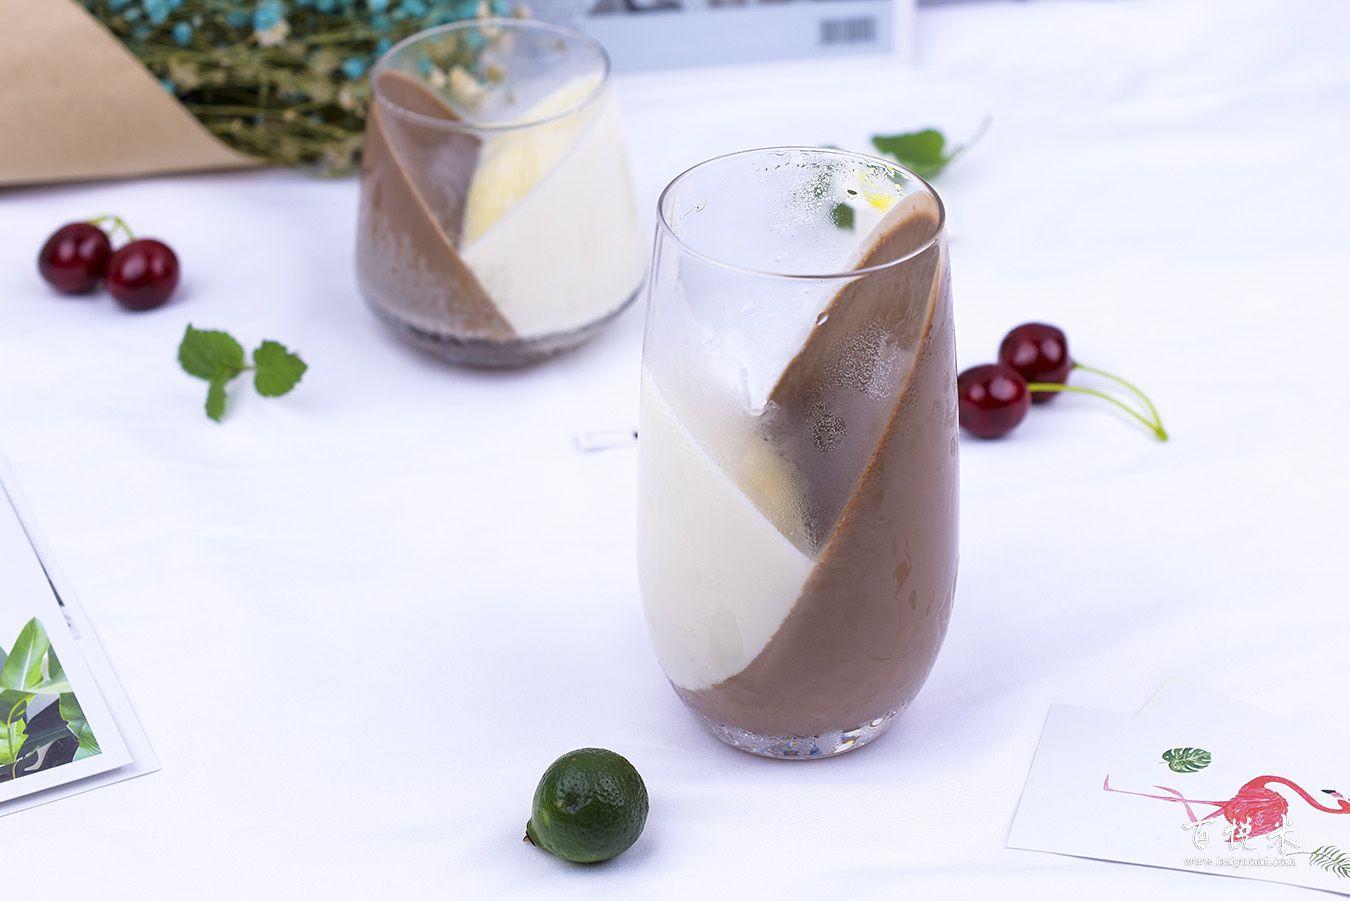 巧克力牛奶心形布丁高清图片大全【蛋糕图片】_1276